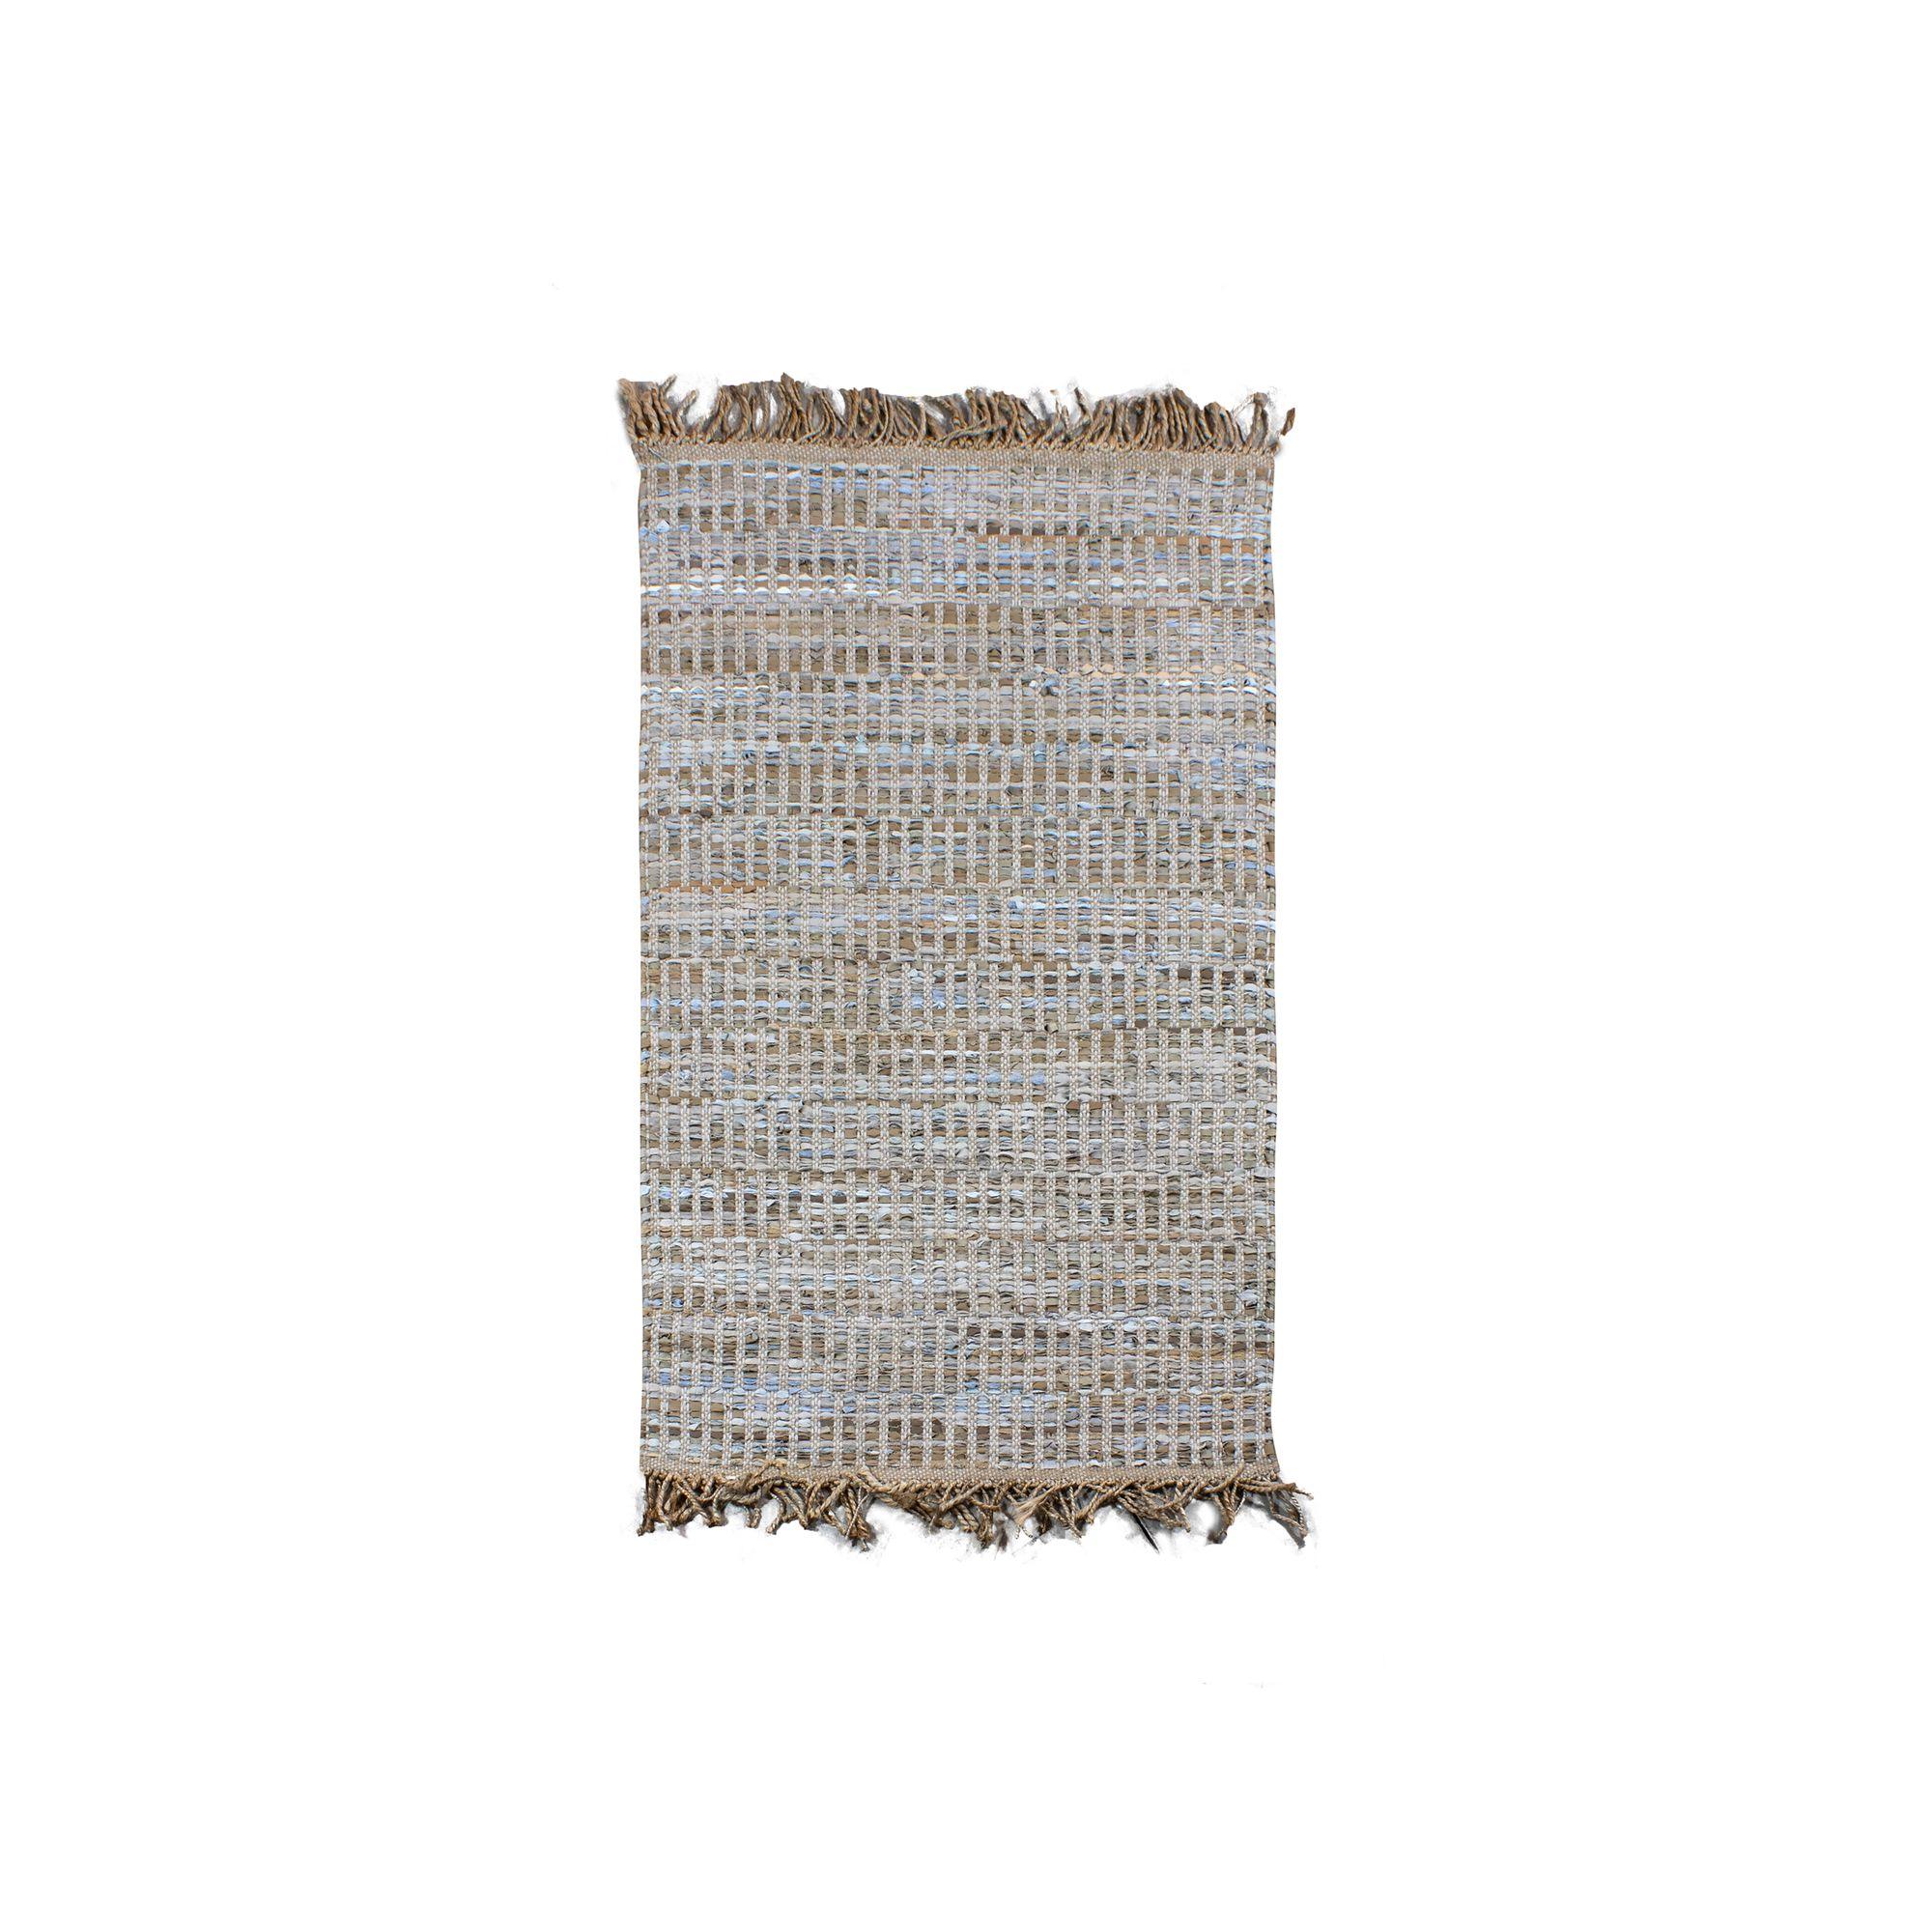 Tapis en cuir, jute et coton 150x90 cm